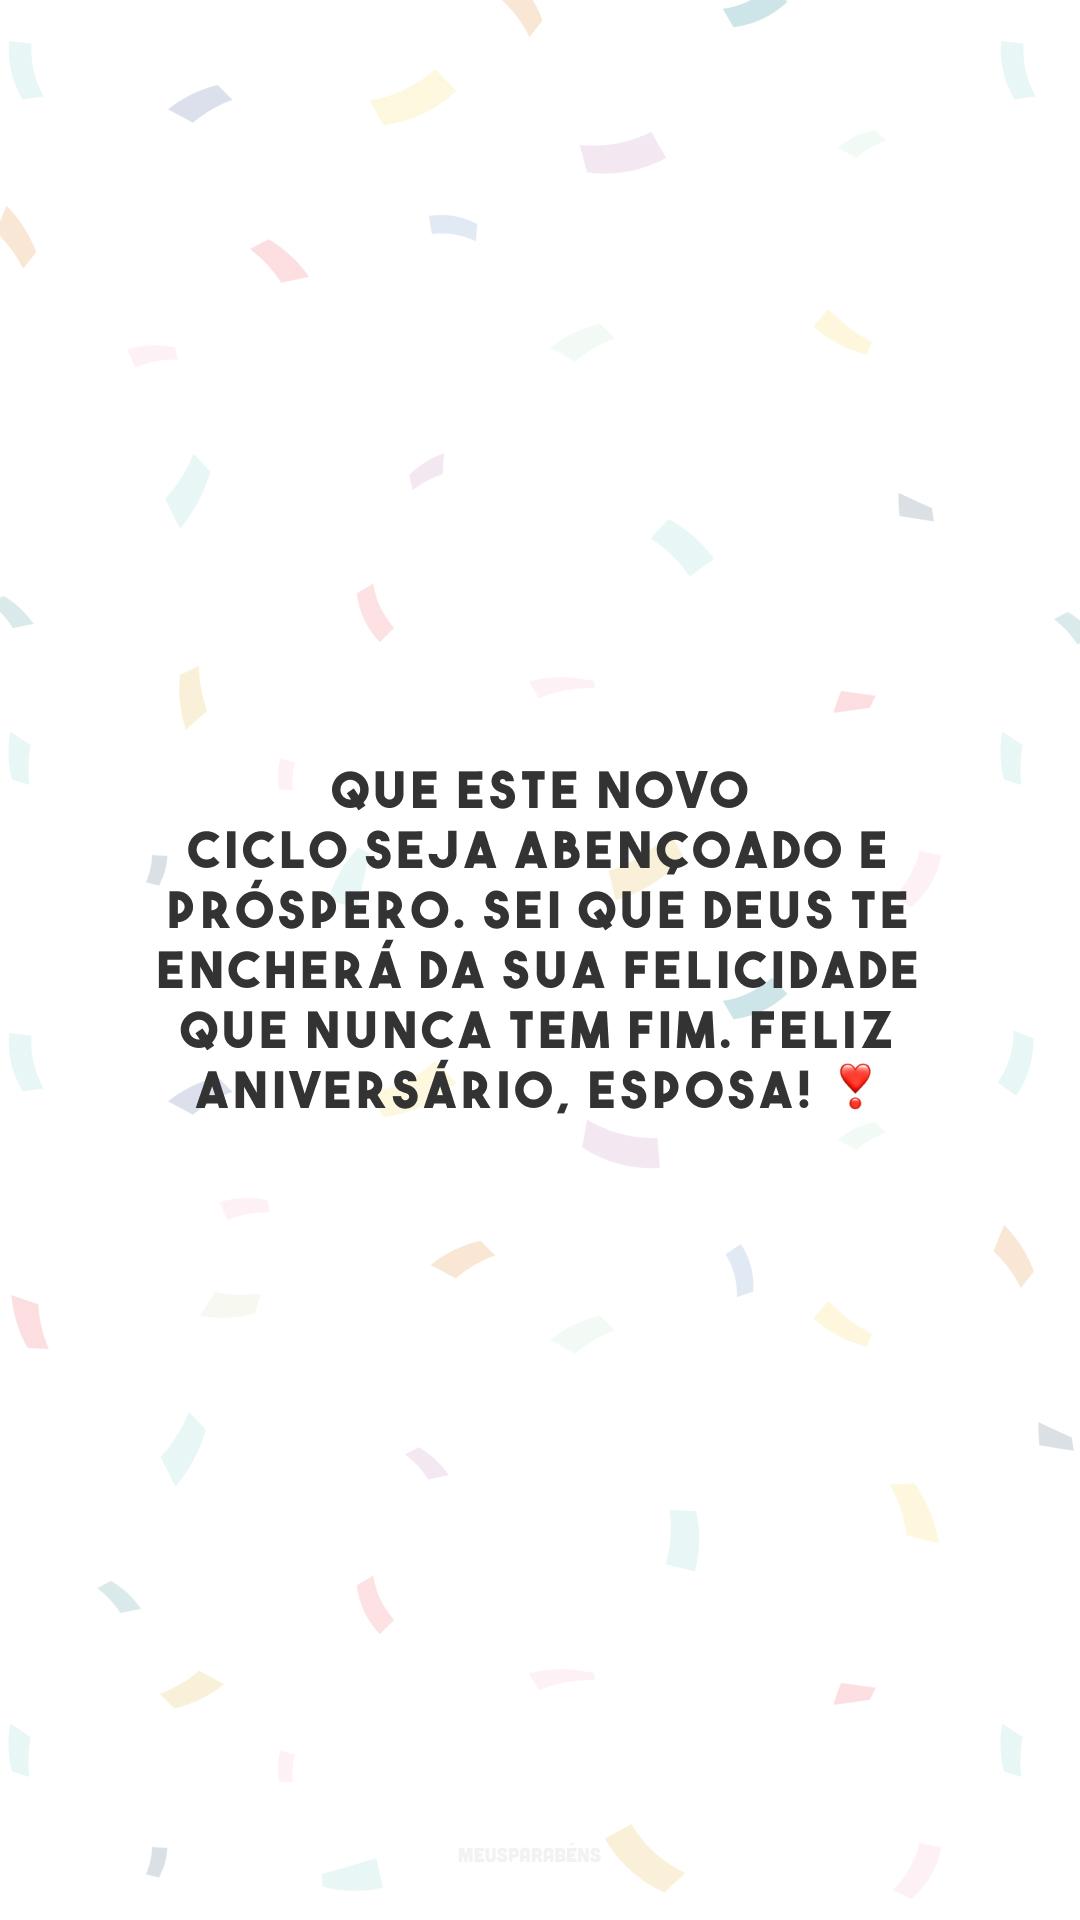 Que este novo ciclo seja abençoado e próspero. Sei que Deus te encherá da sua felicidade que nunca tem fim. Feliz aniversário, esposa! ❣️